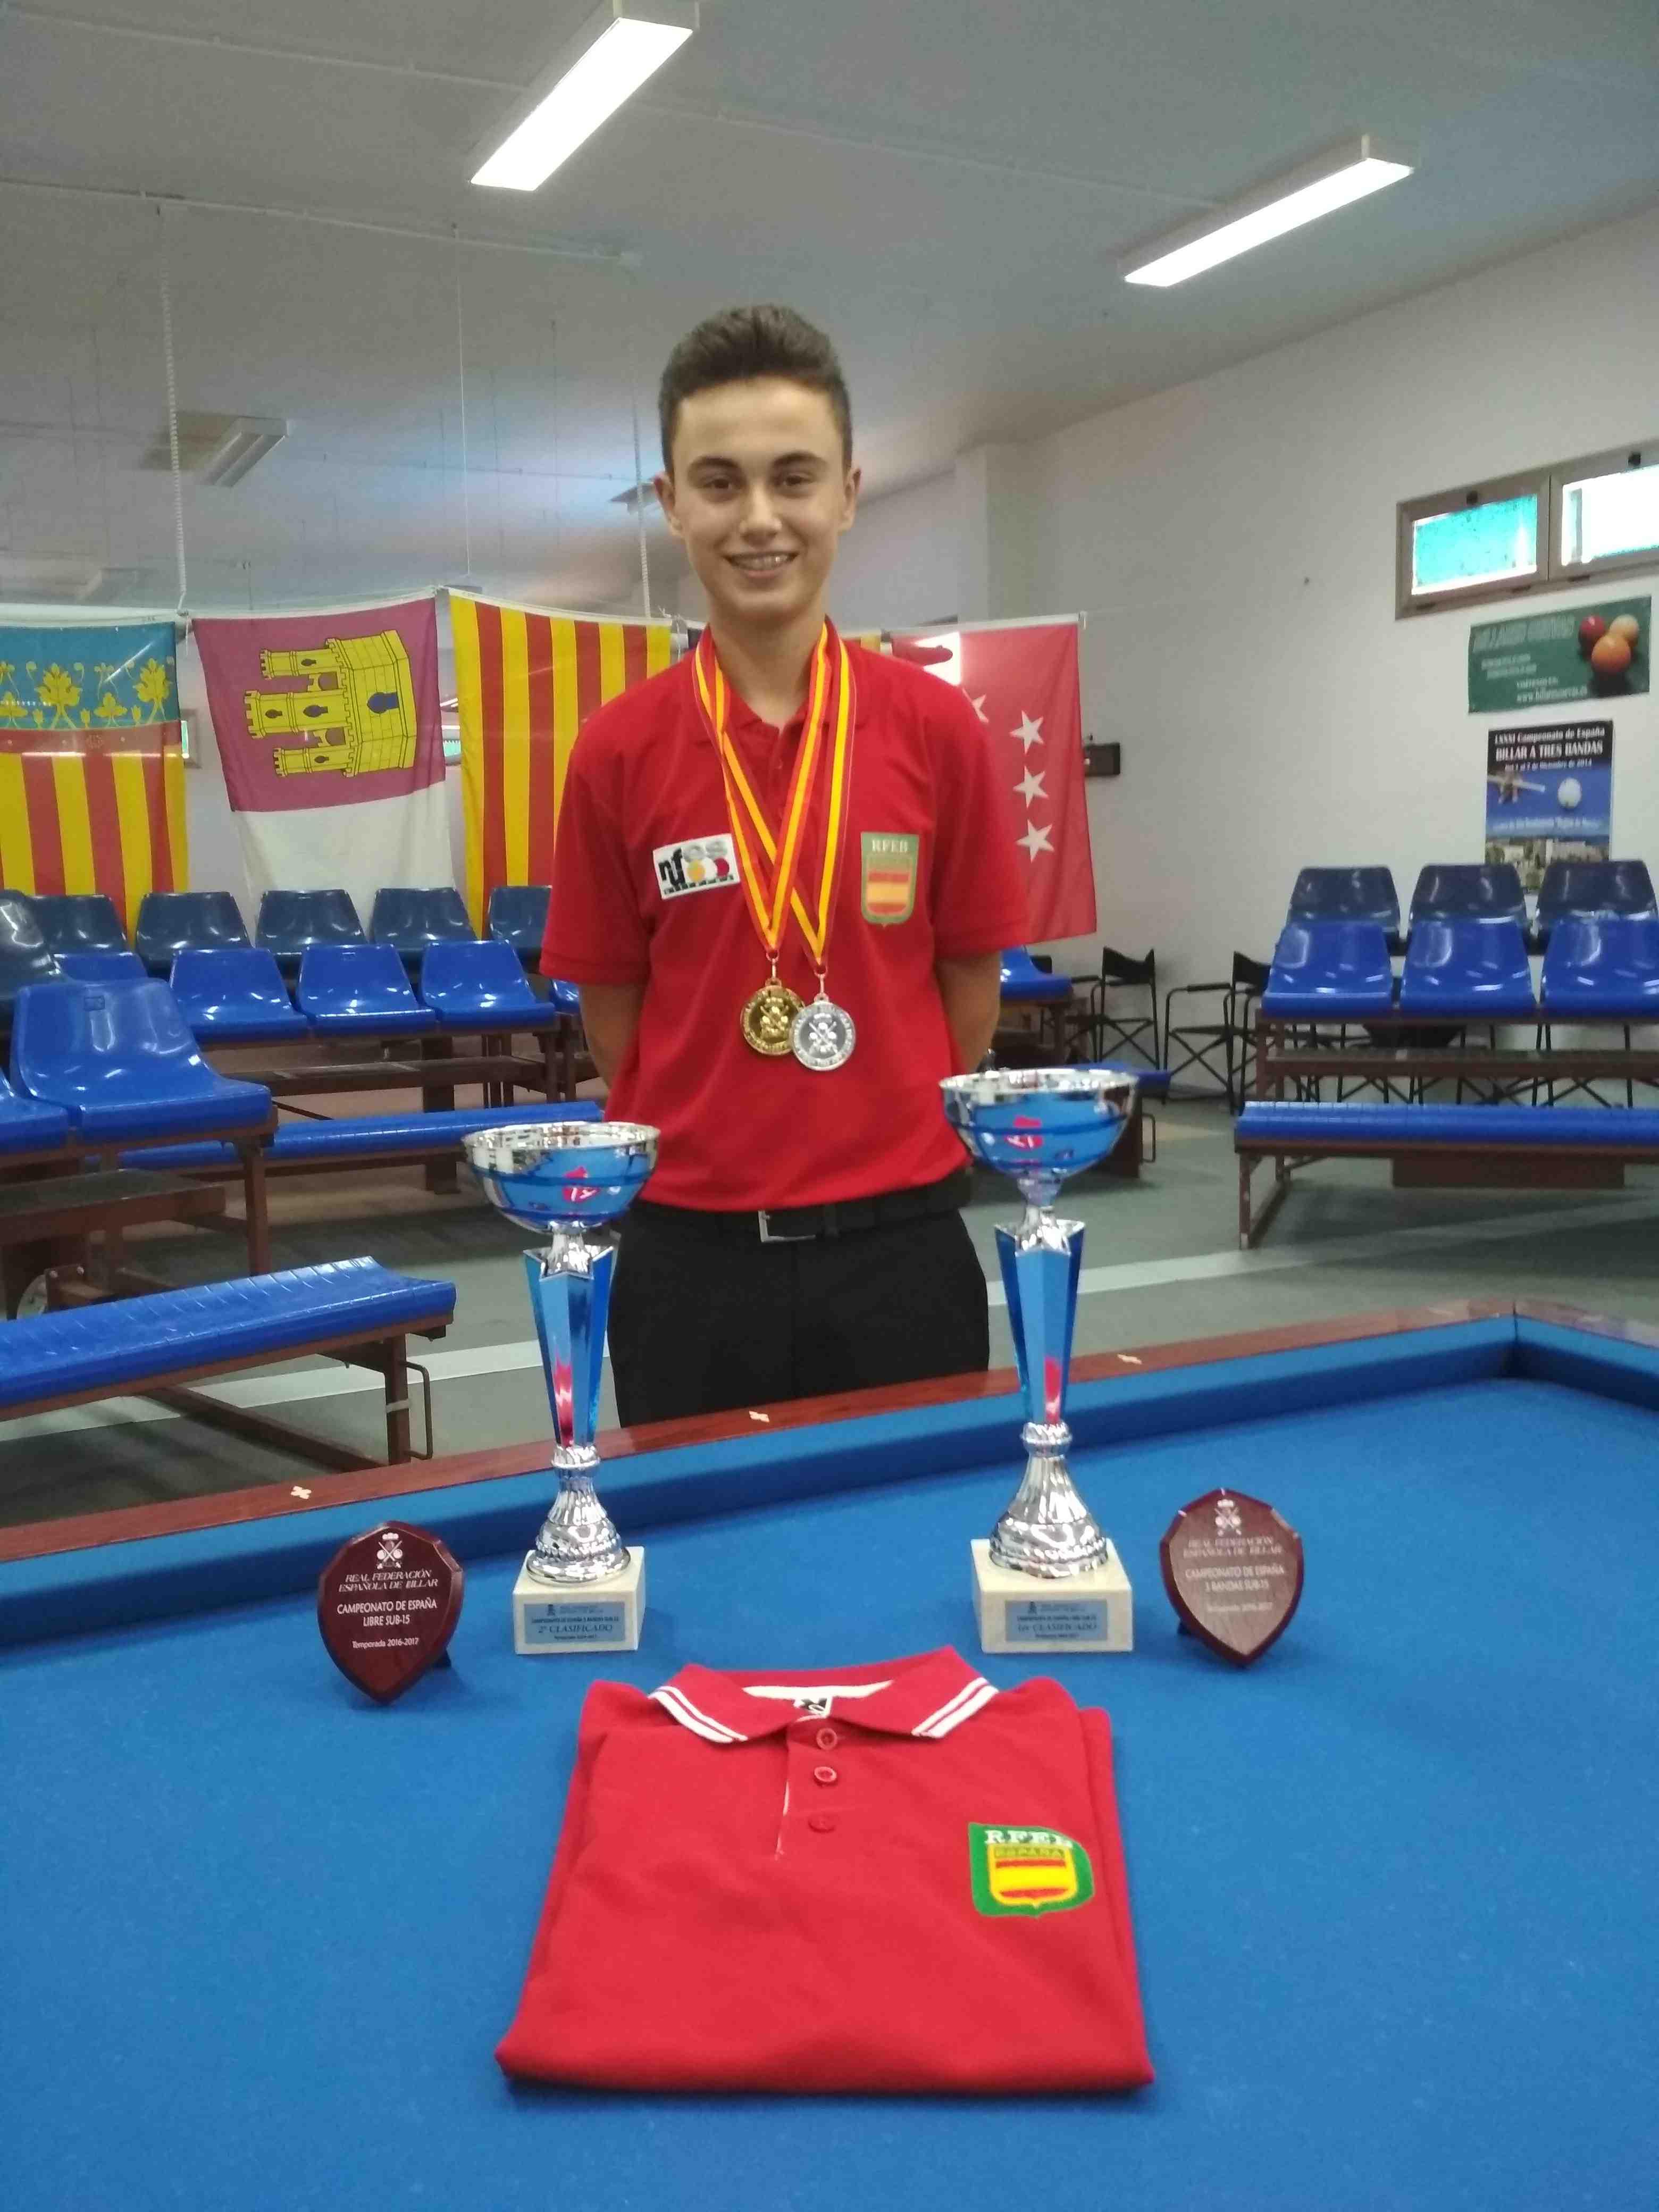 El colivenc Luis Mira, campeón de España de billar en categoría Sub15